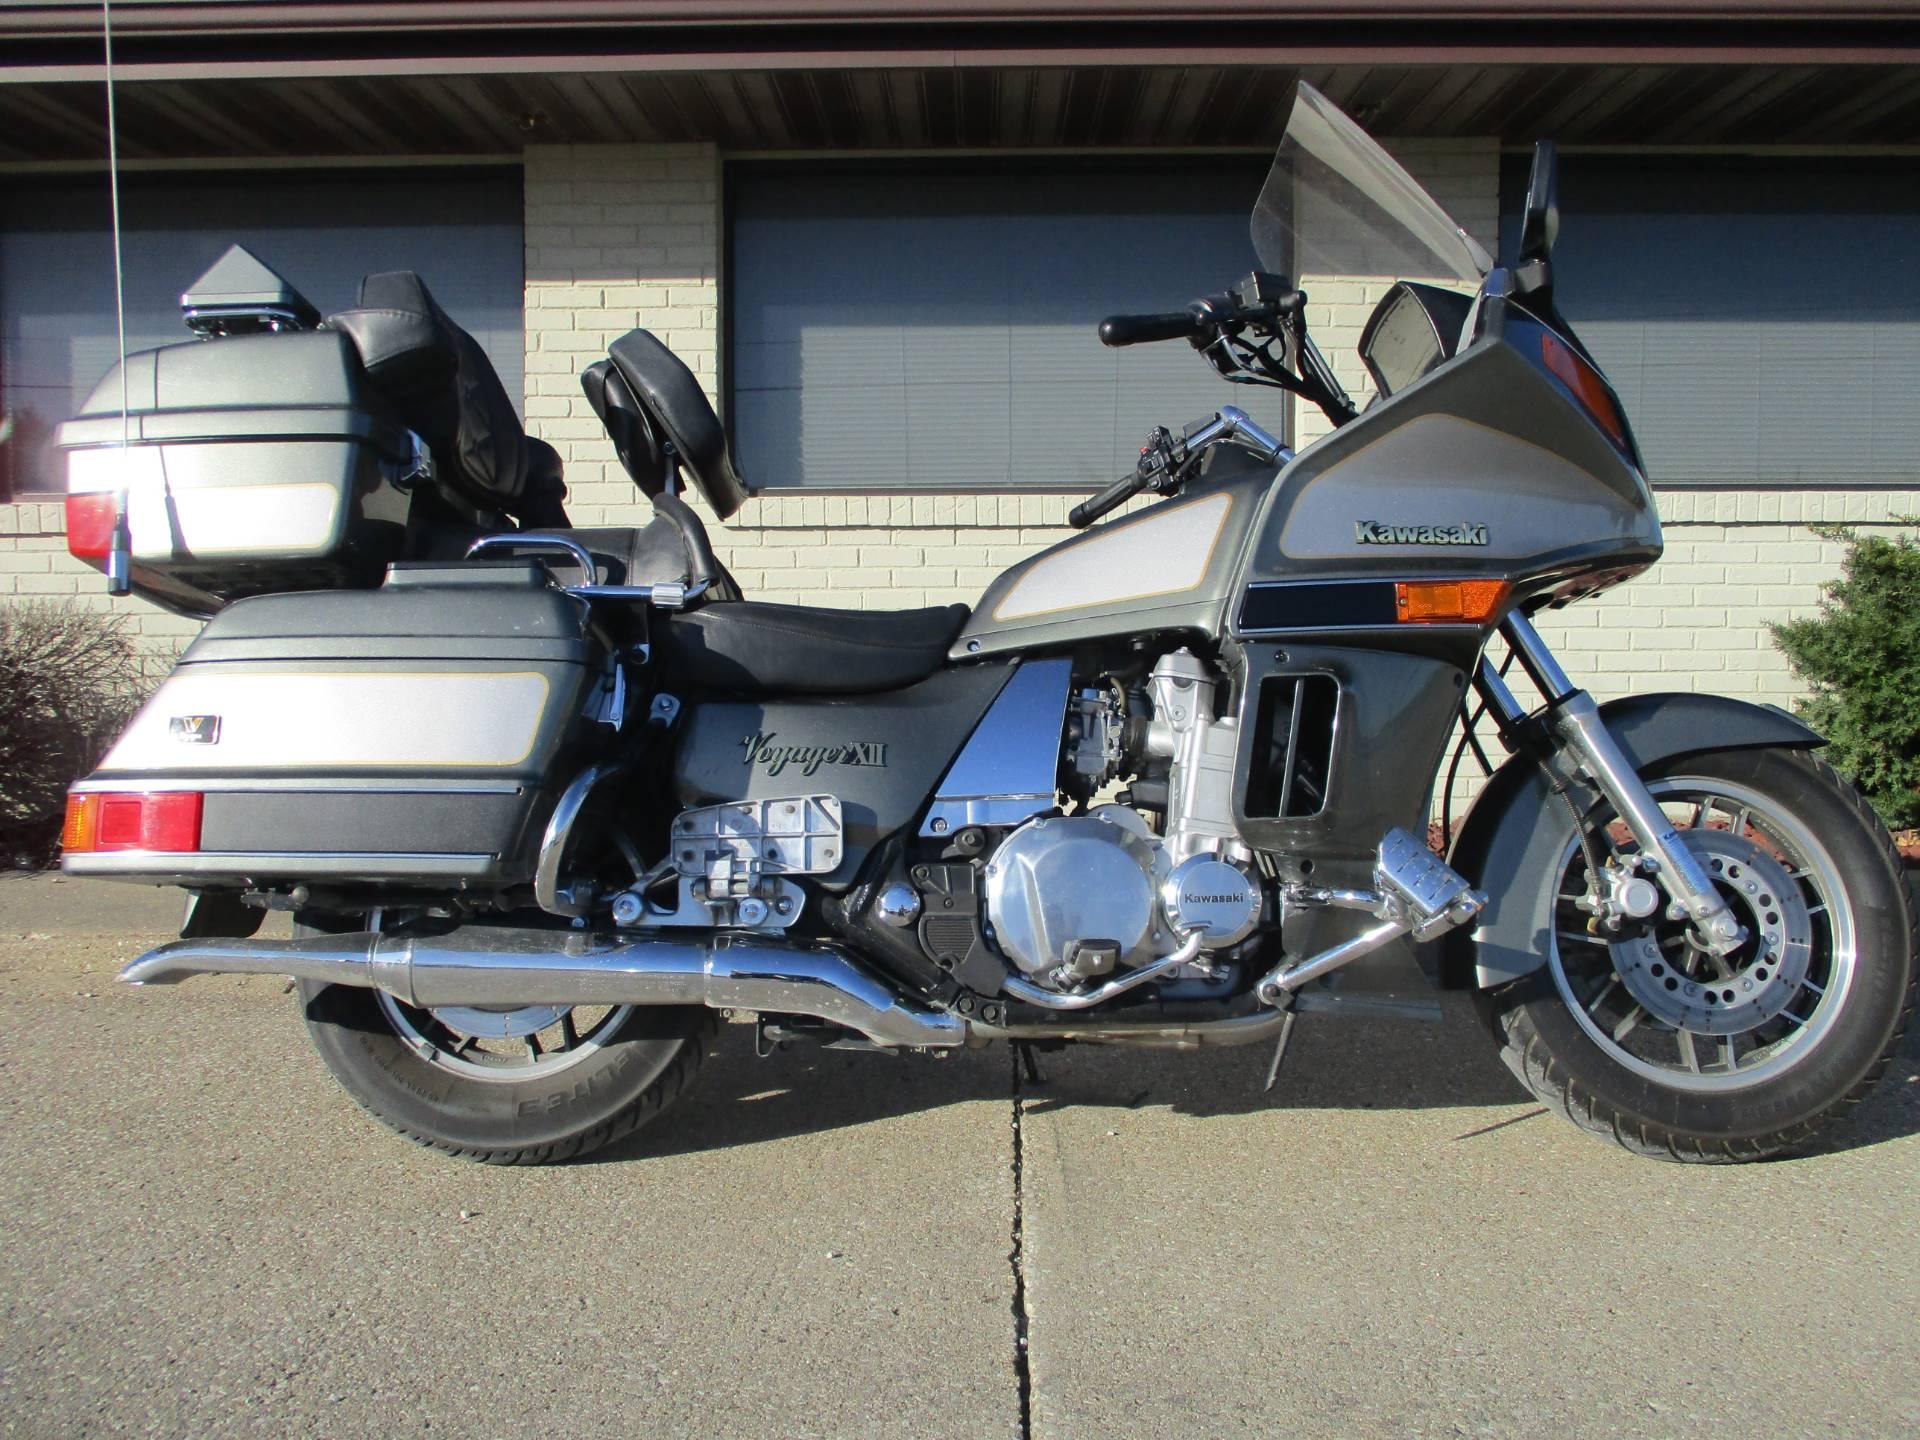 2003 Kawasaki Voyager XII 1